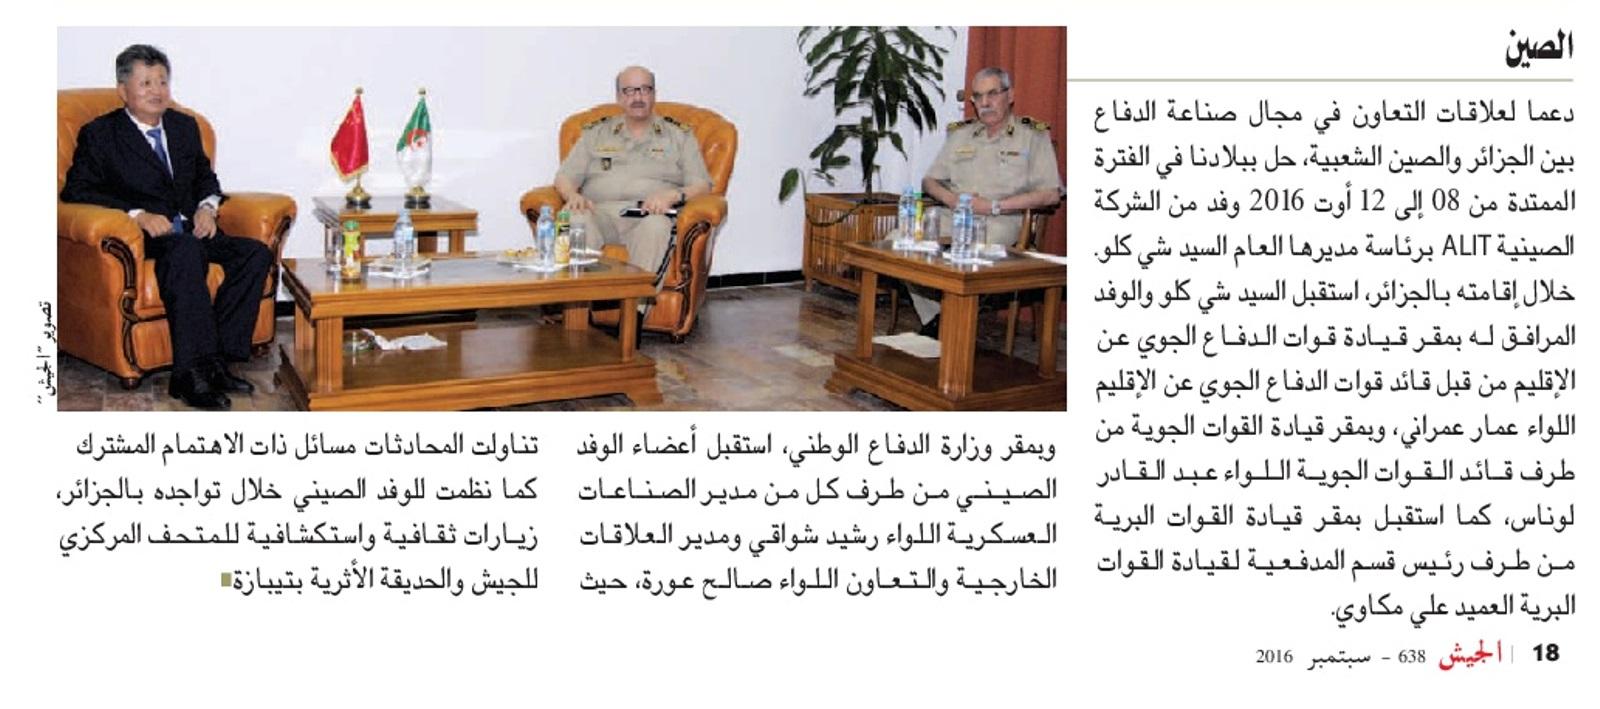 الجزائر : صلاحيات نائب وزير الدفاع الوطني - صفحة 5 30493506310_34648f2a0e_o